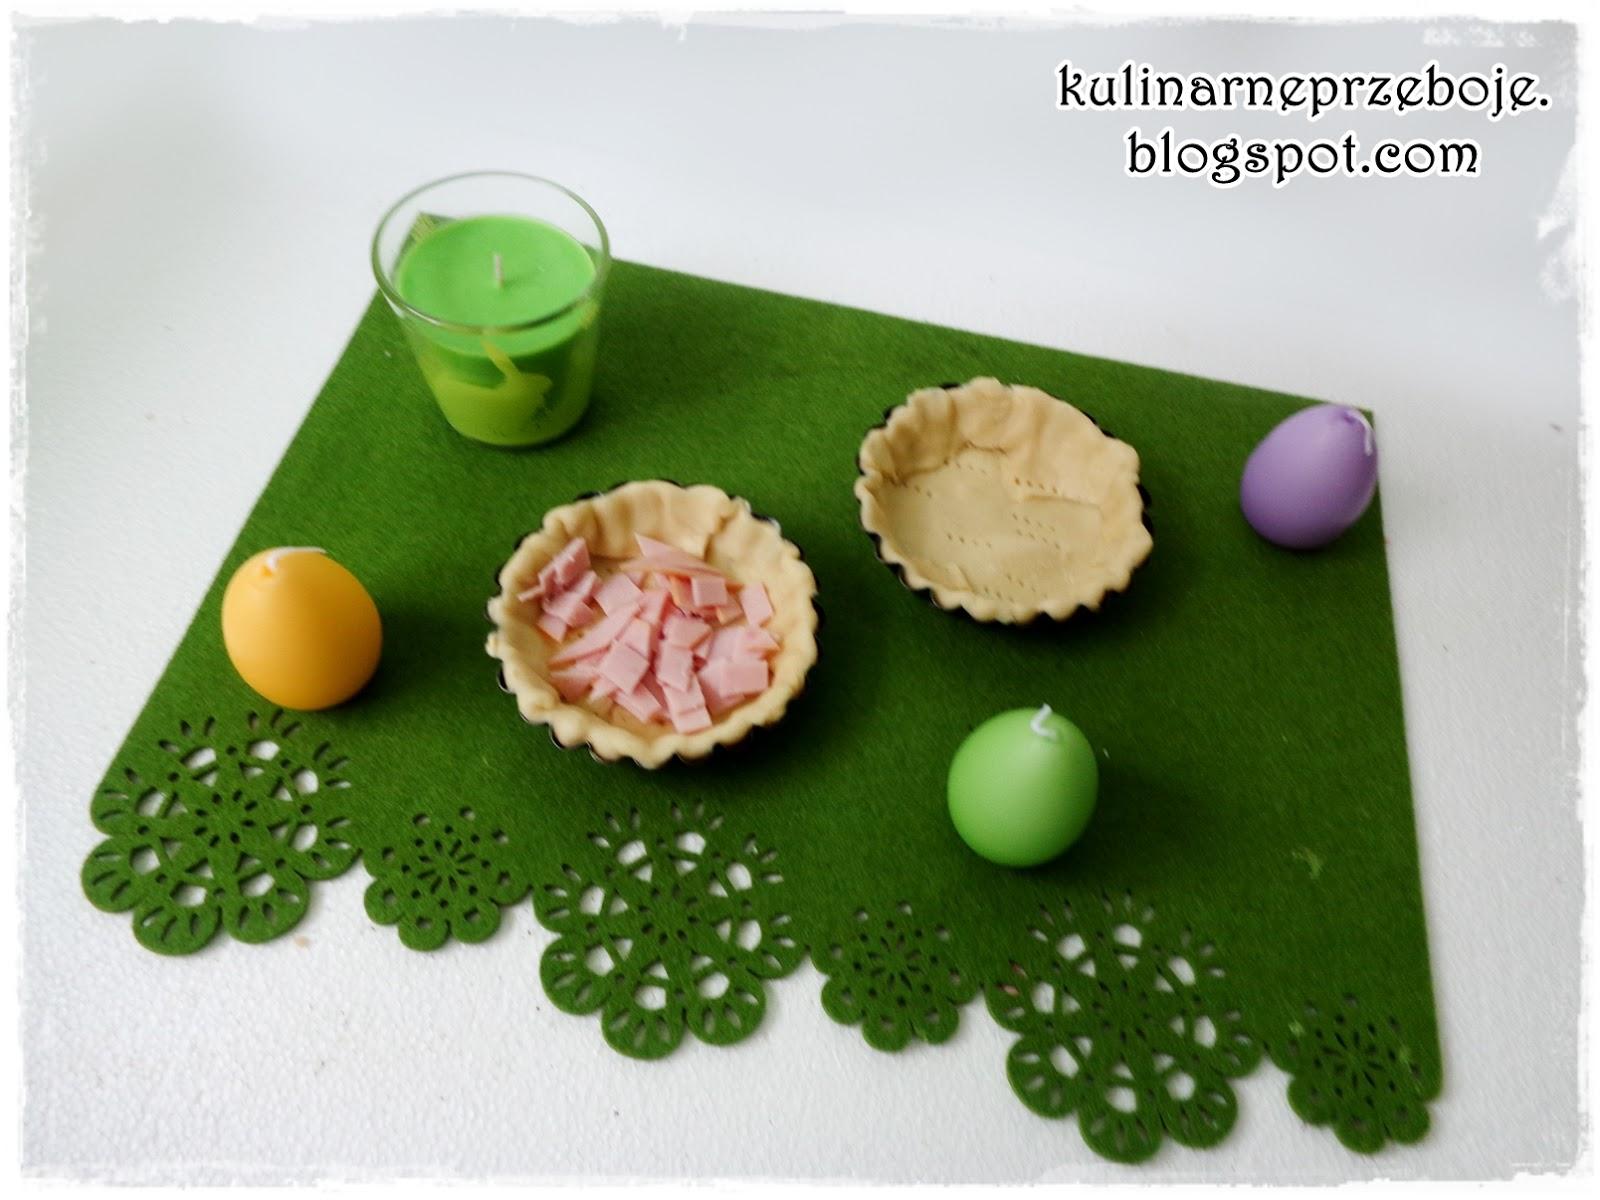 Jajka zapiekane w cieście francuskim - pomysłowe śniadanie